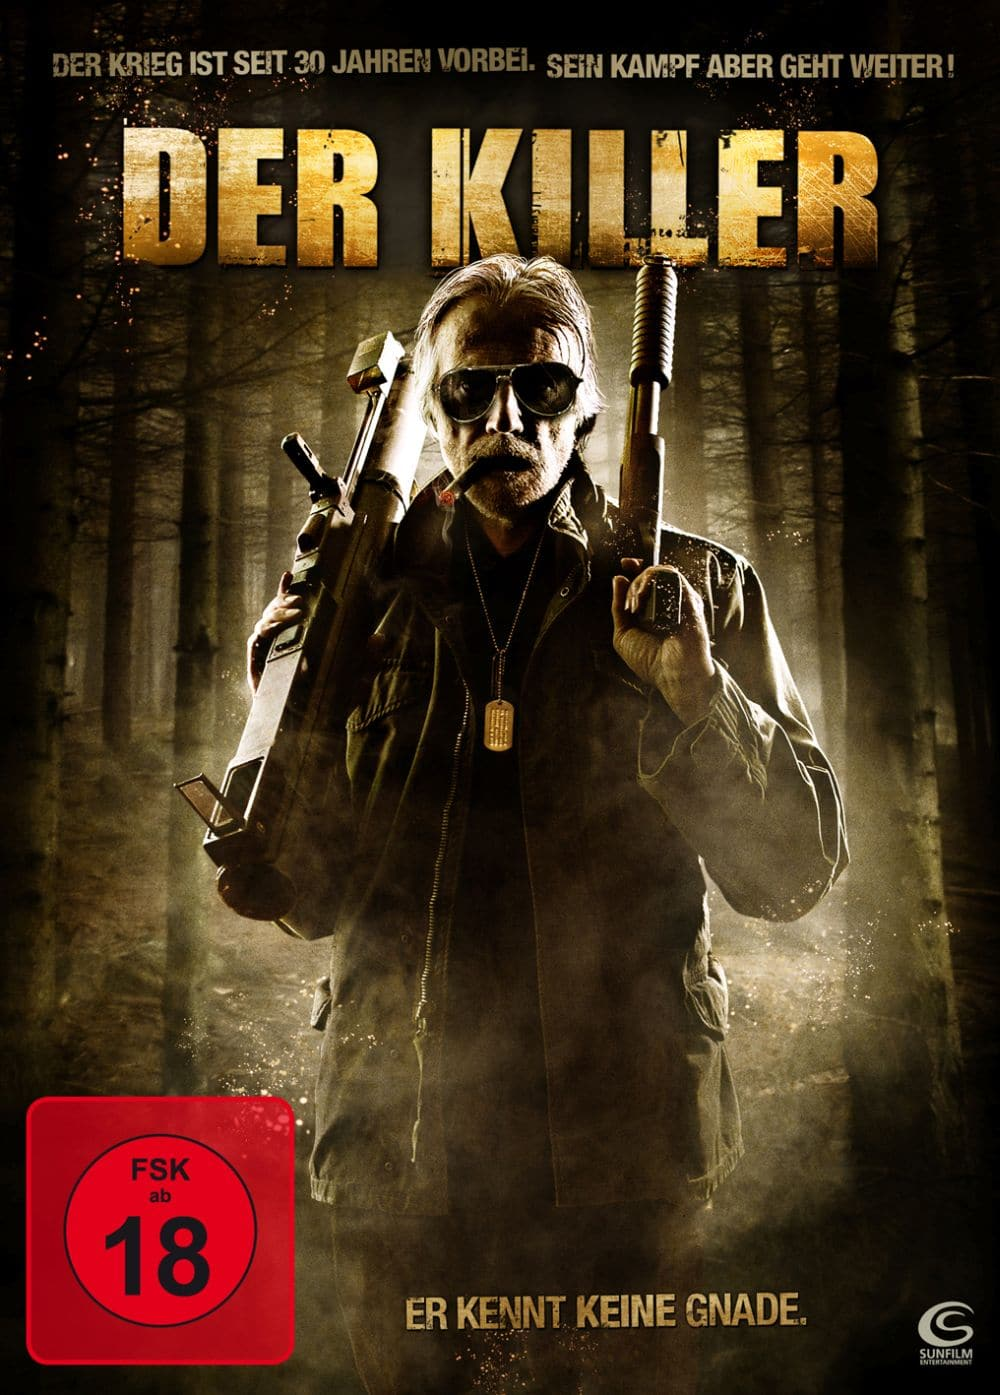 Der Killer - Er kennt keine Gnade - Film 2011 - Scary